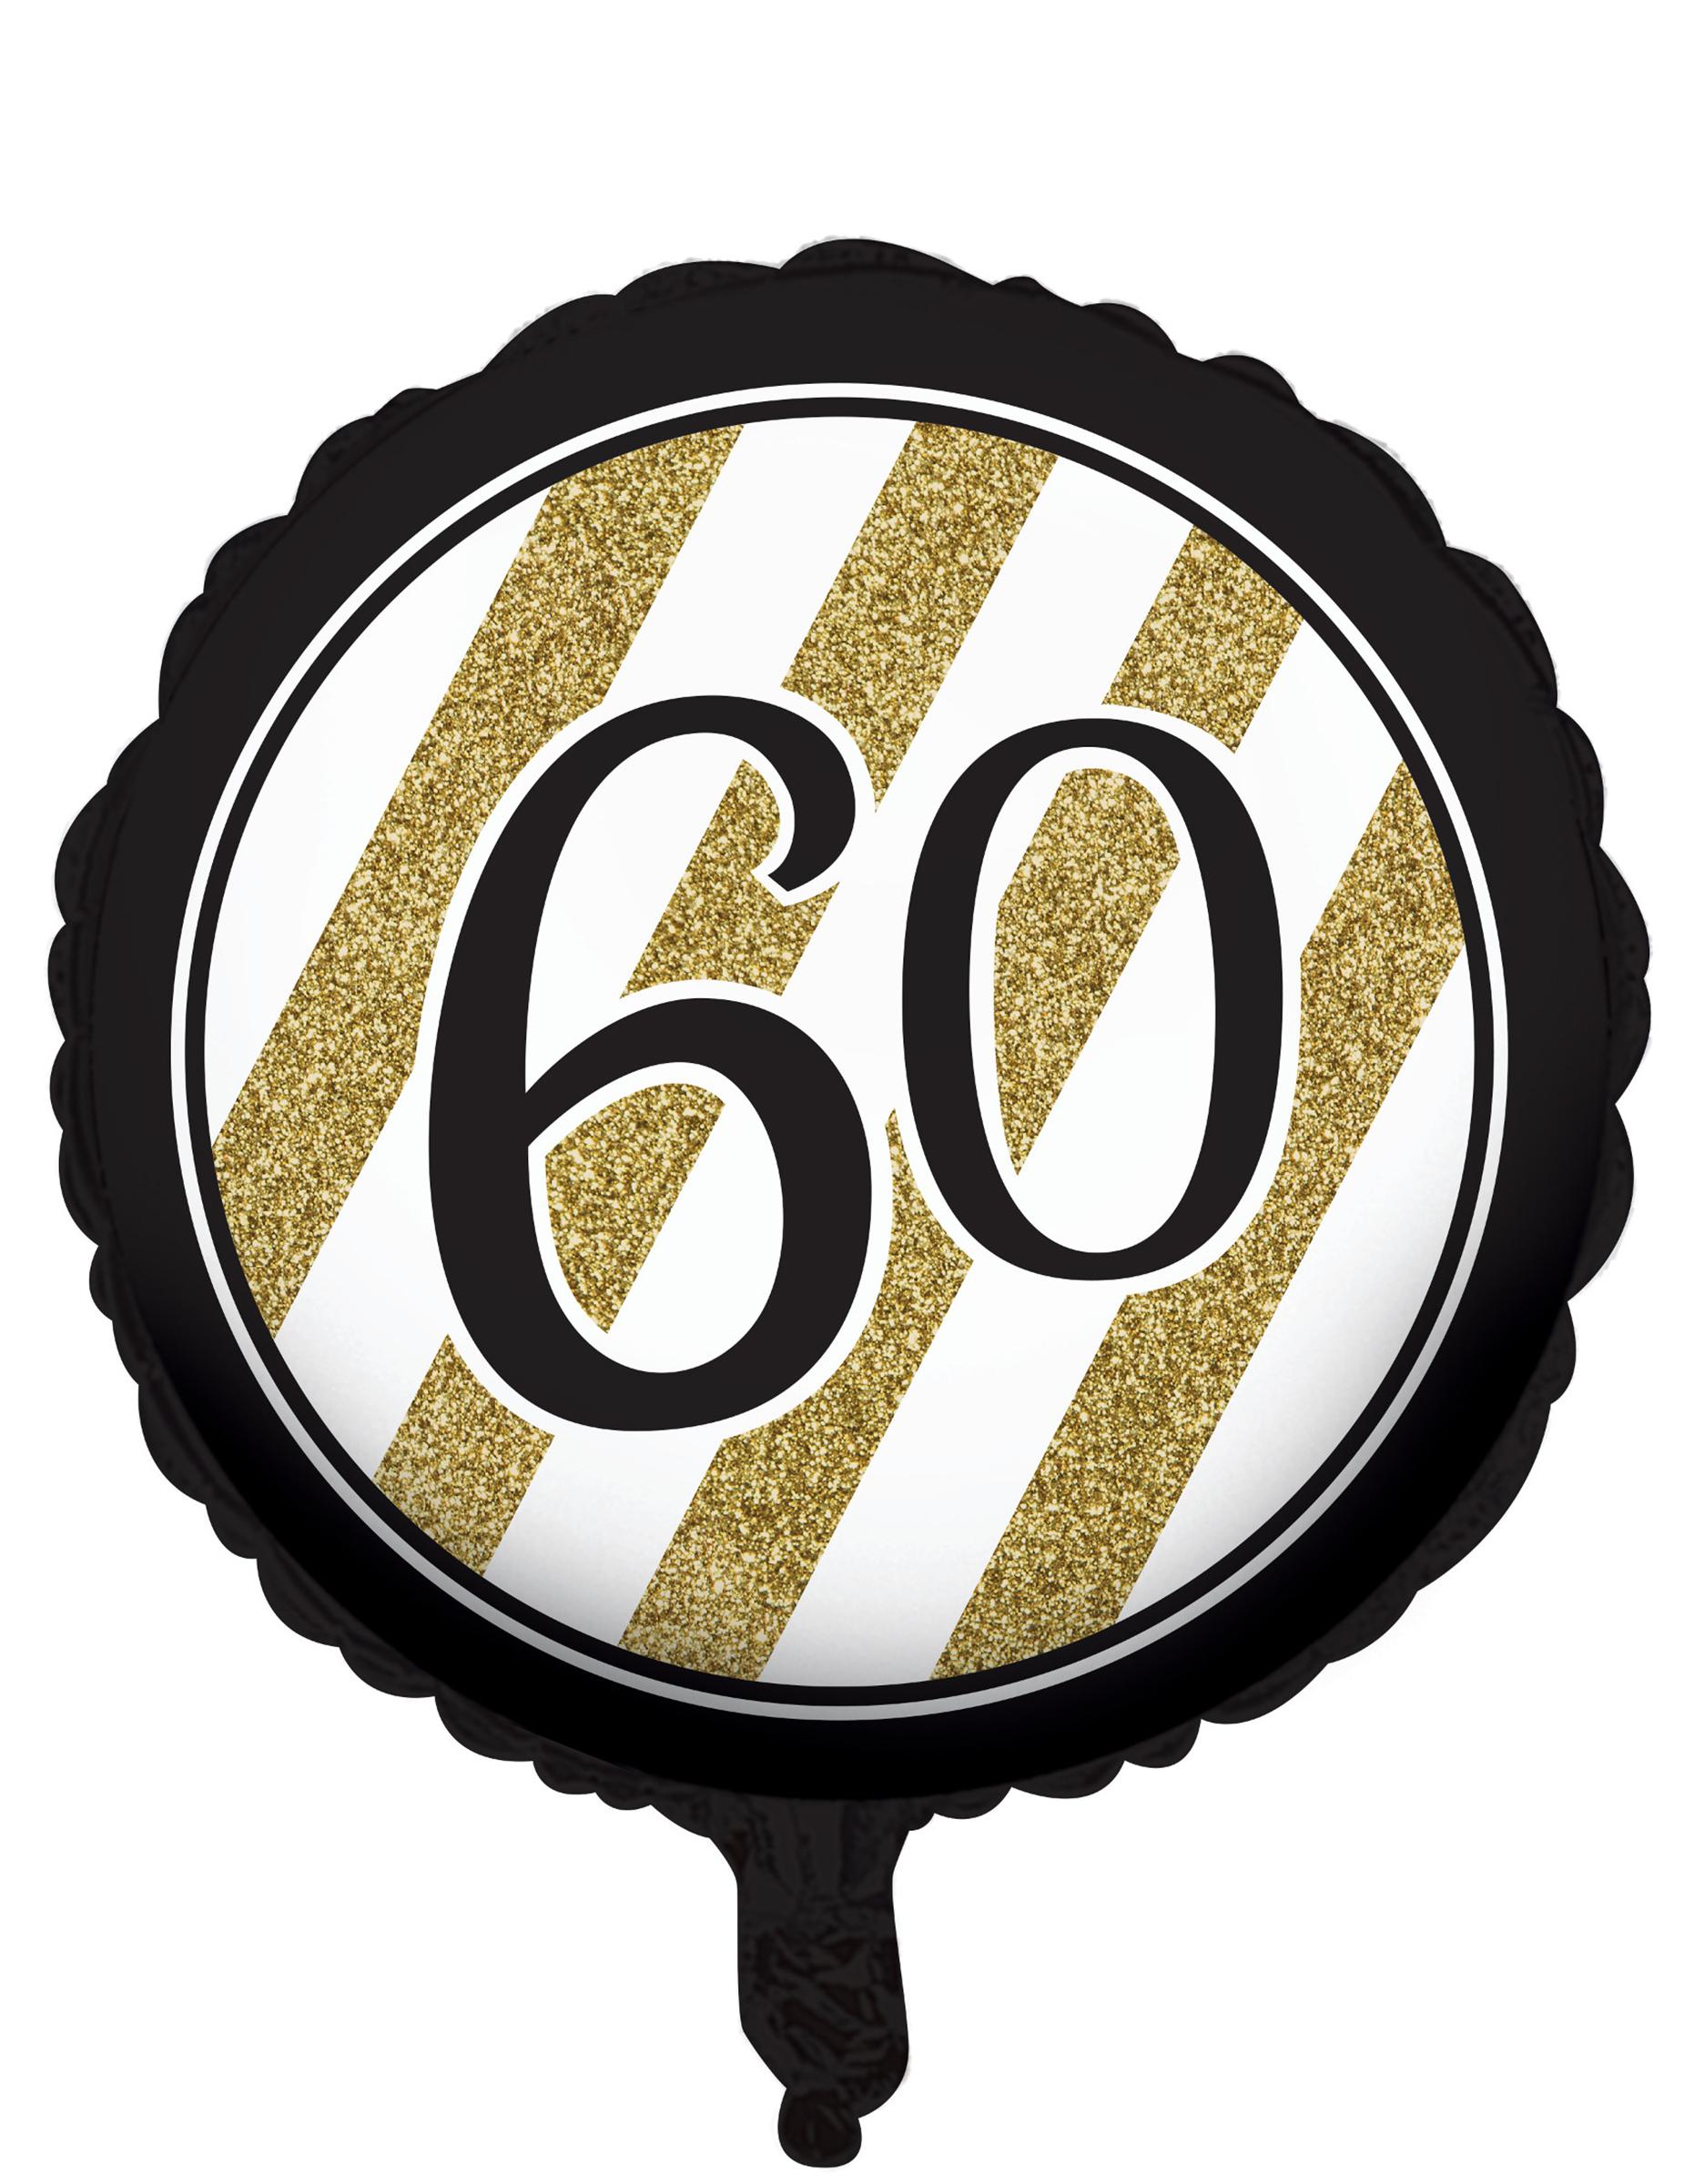 Zwarte en goudkleurige 60 jaar aluminium ballon decoratie for Decoratie 60 jaar